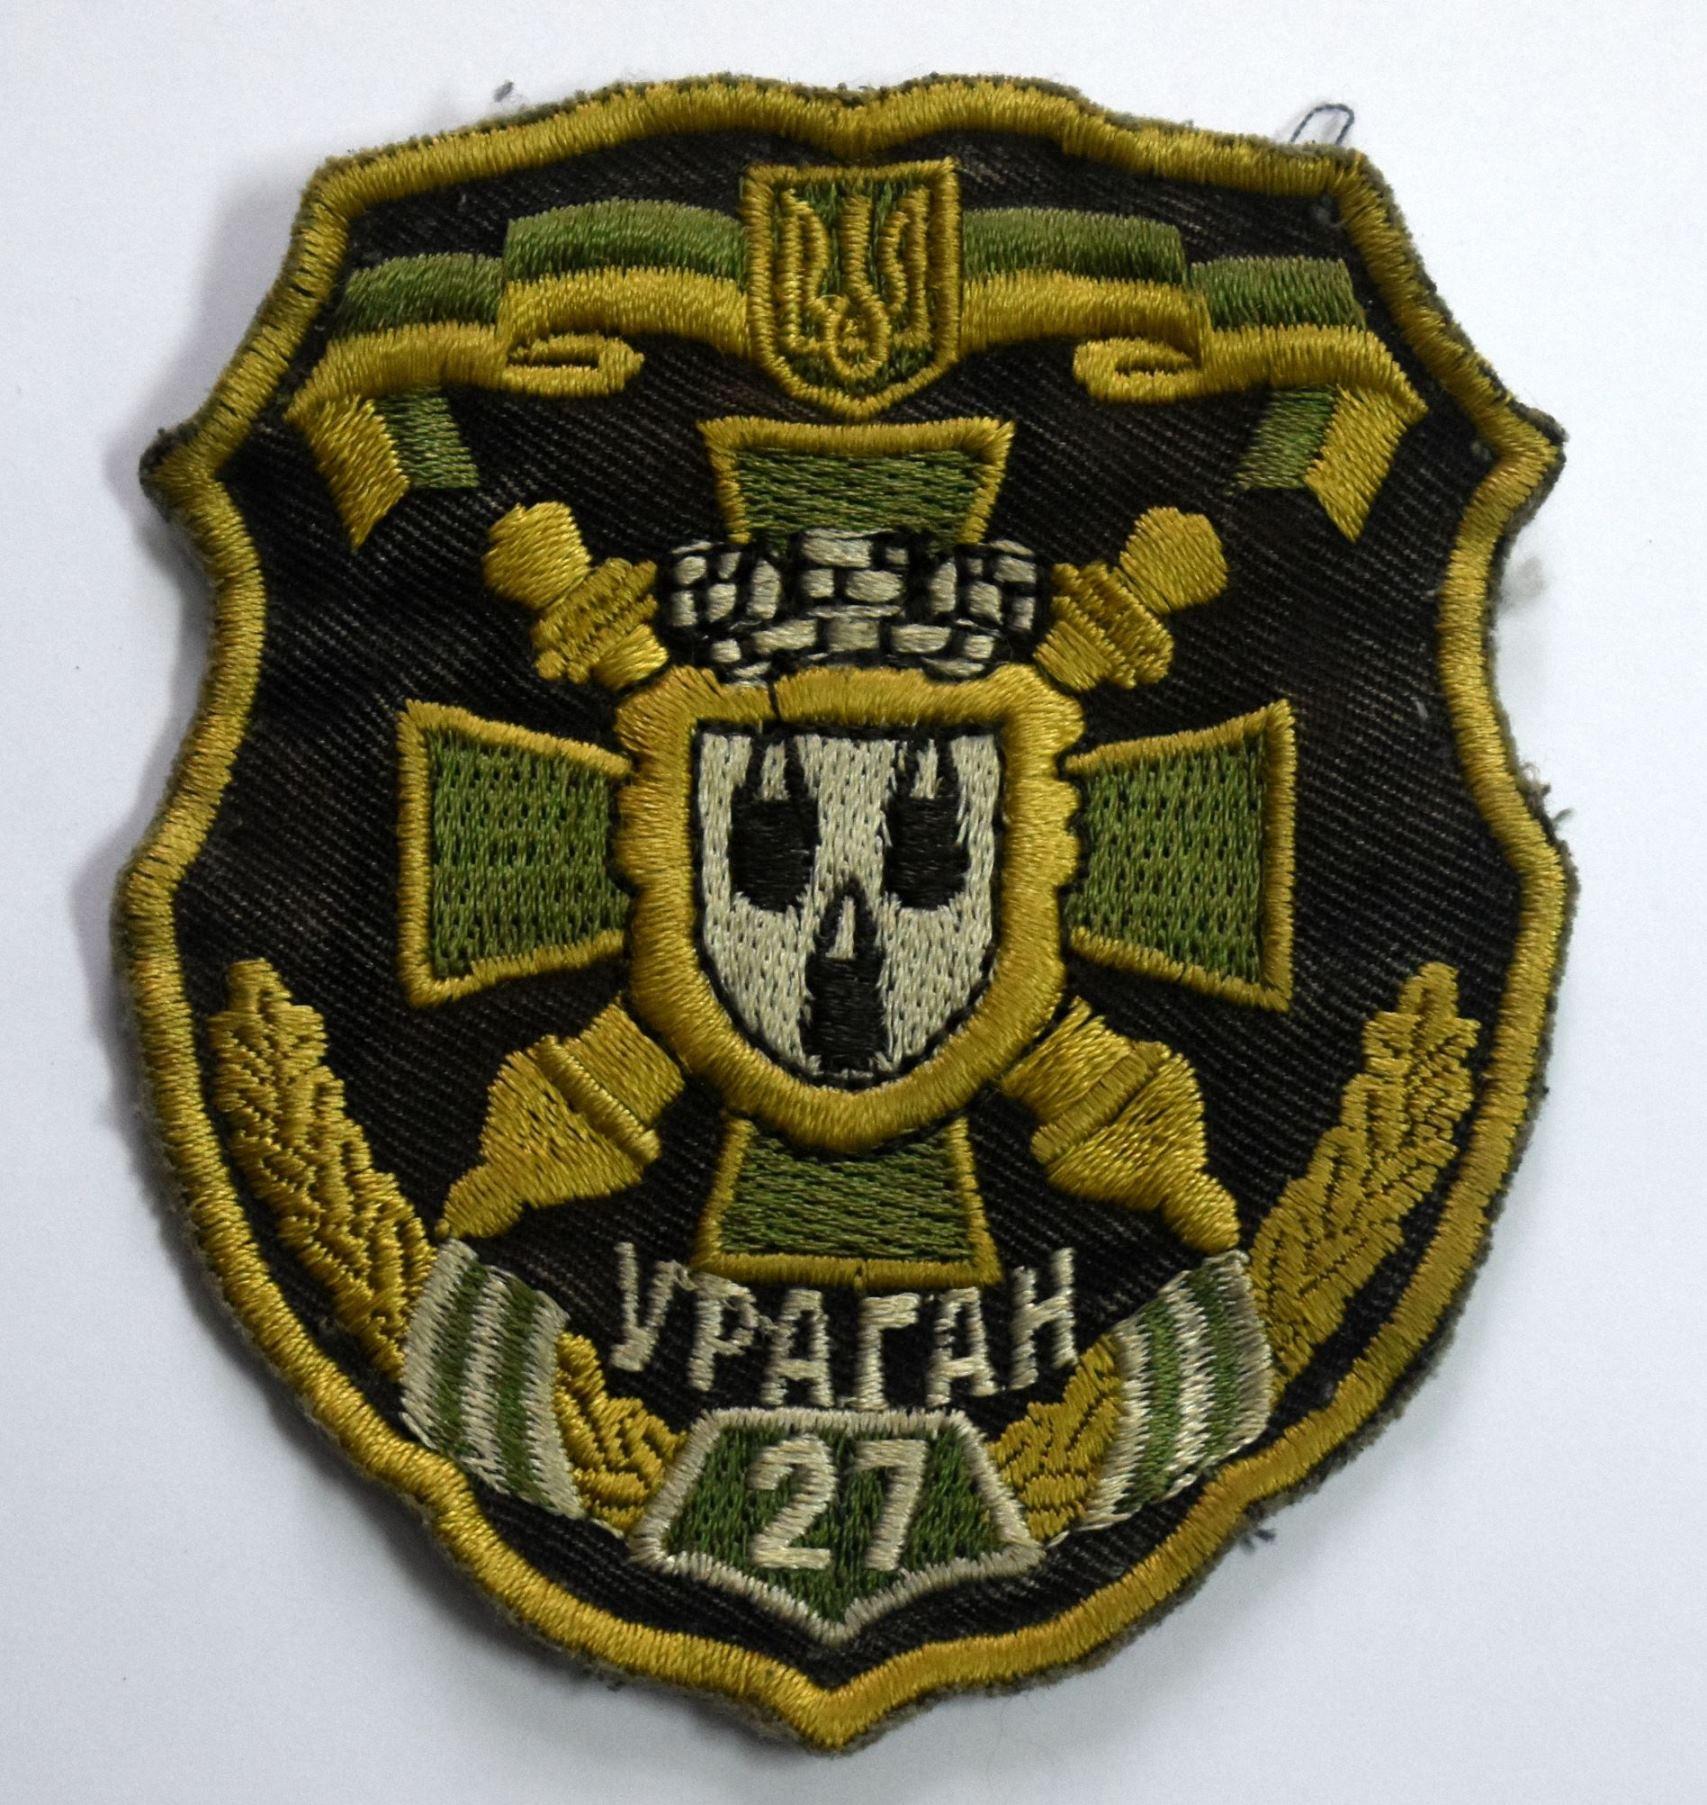 """Тканини. Шеврон-нашивка """"Ураган"""" (27-ма окрема реактивна артилерійська бригада)"""